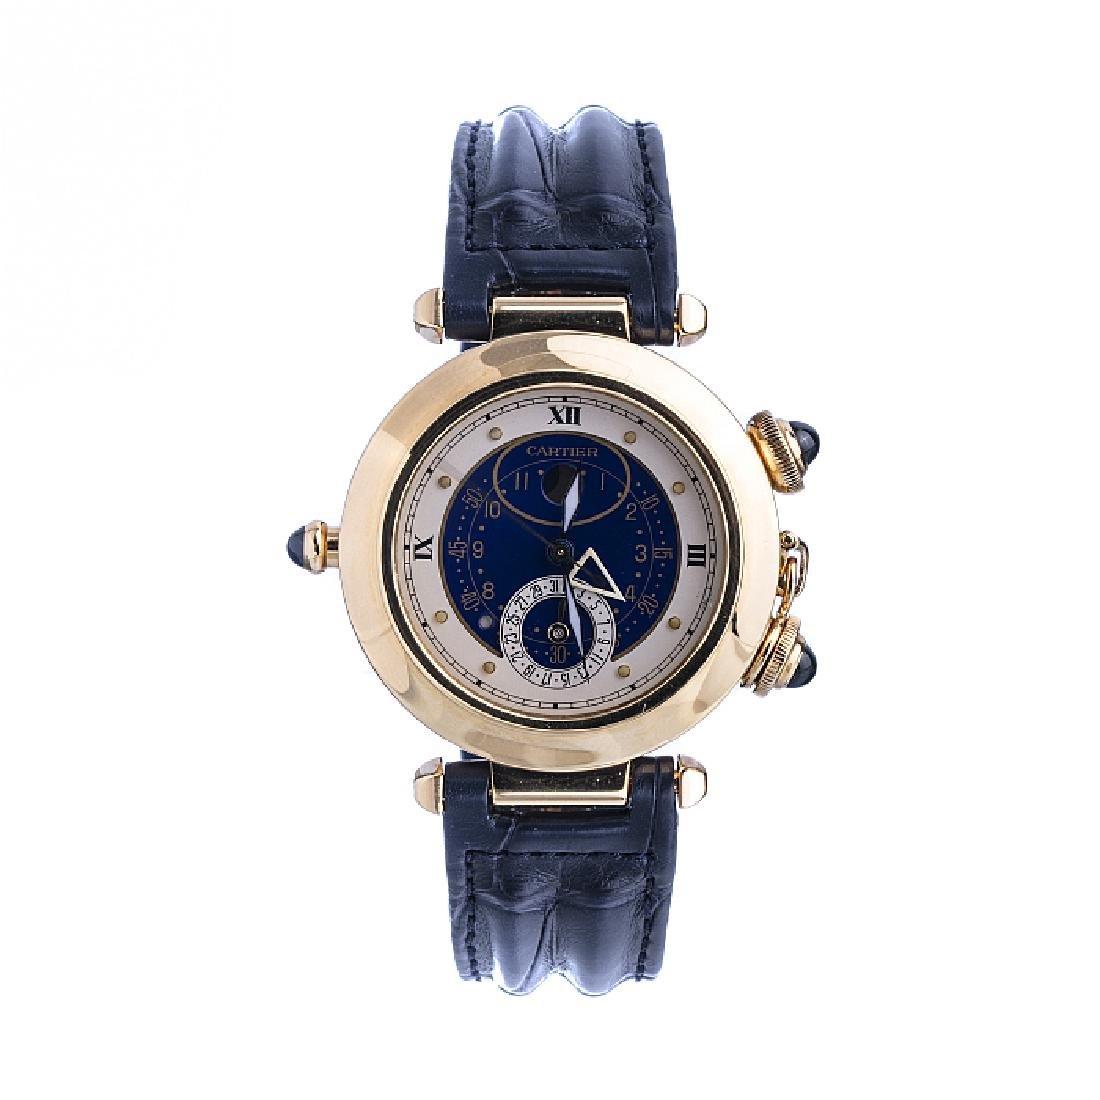 CARTIER - Pasha watch